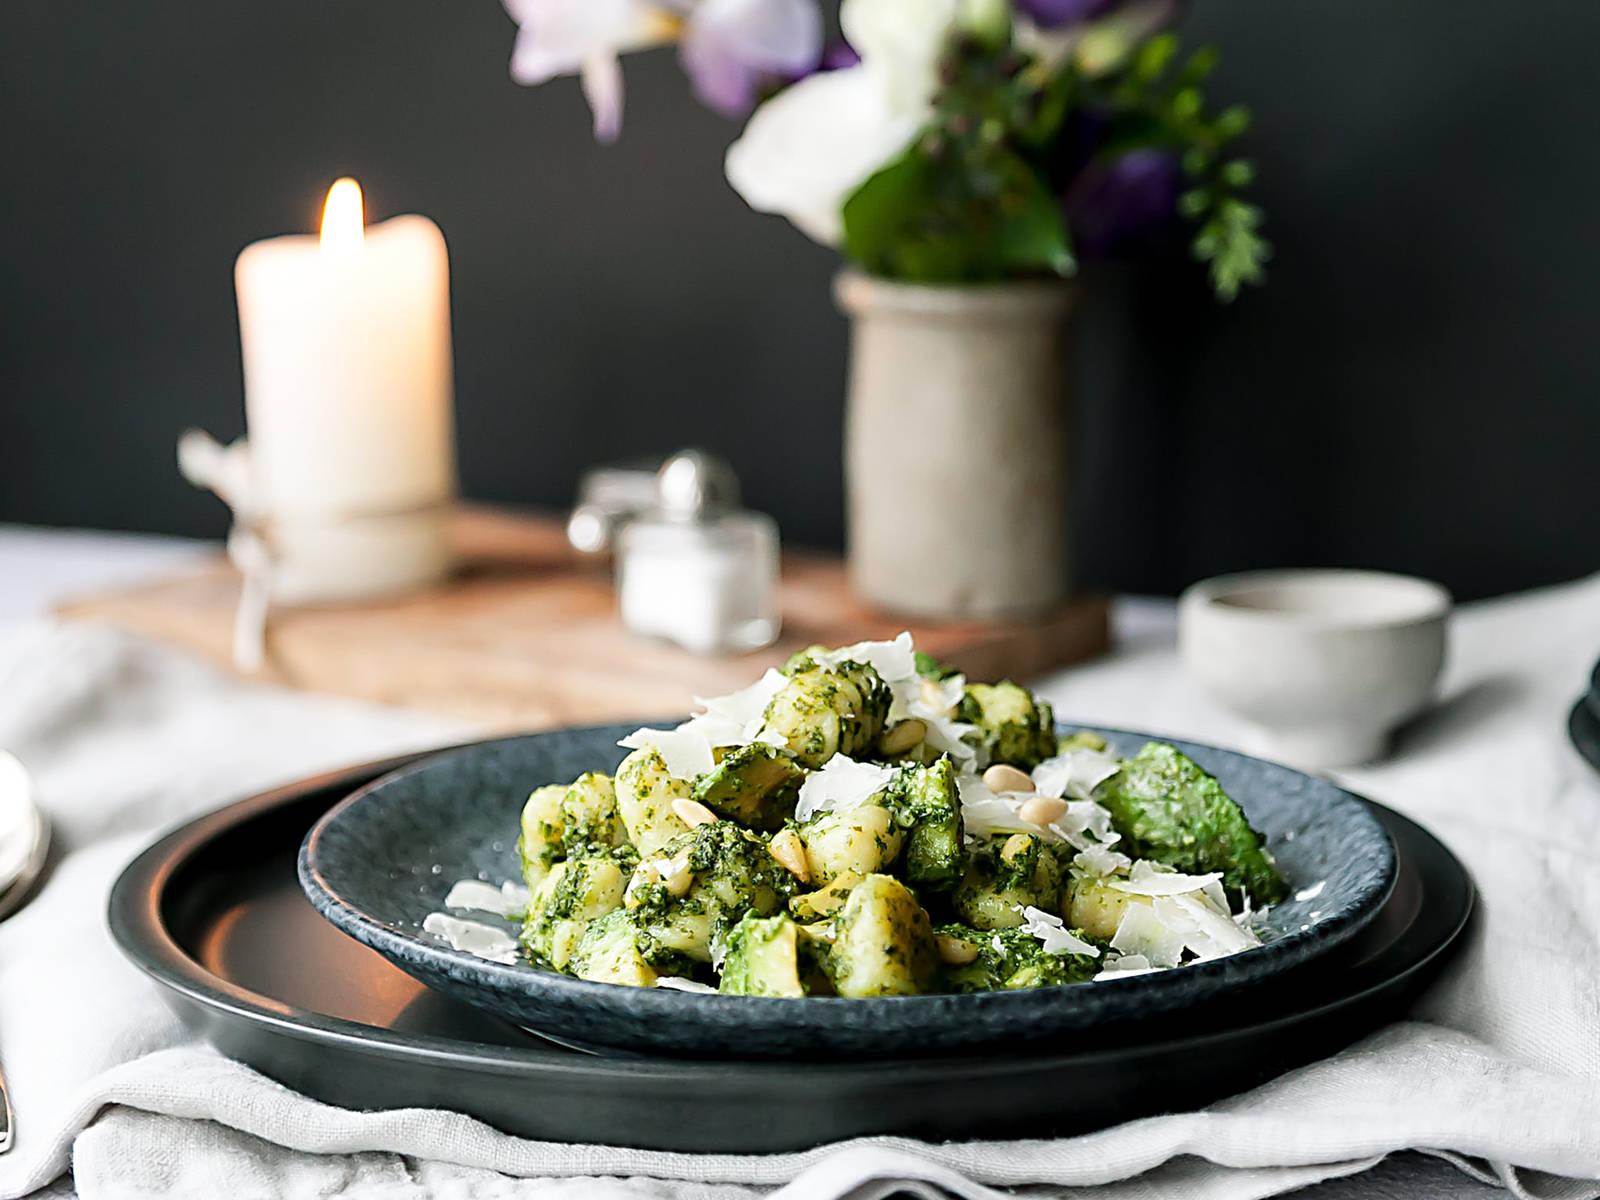 Gnocchi with kale pesto